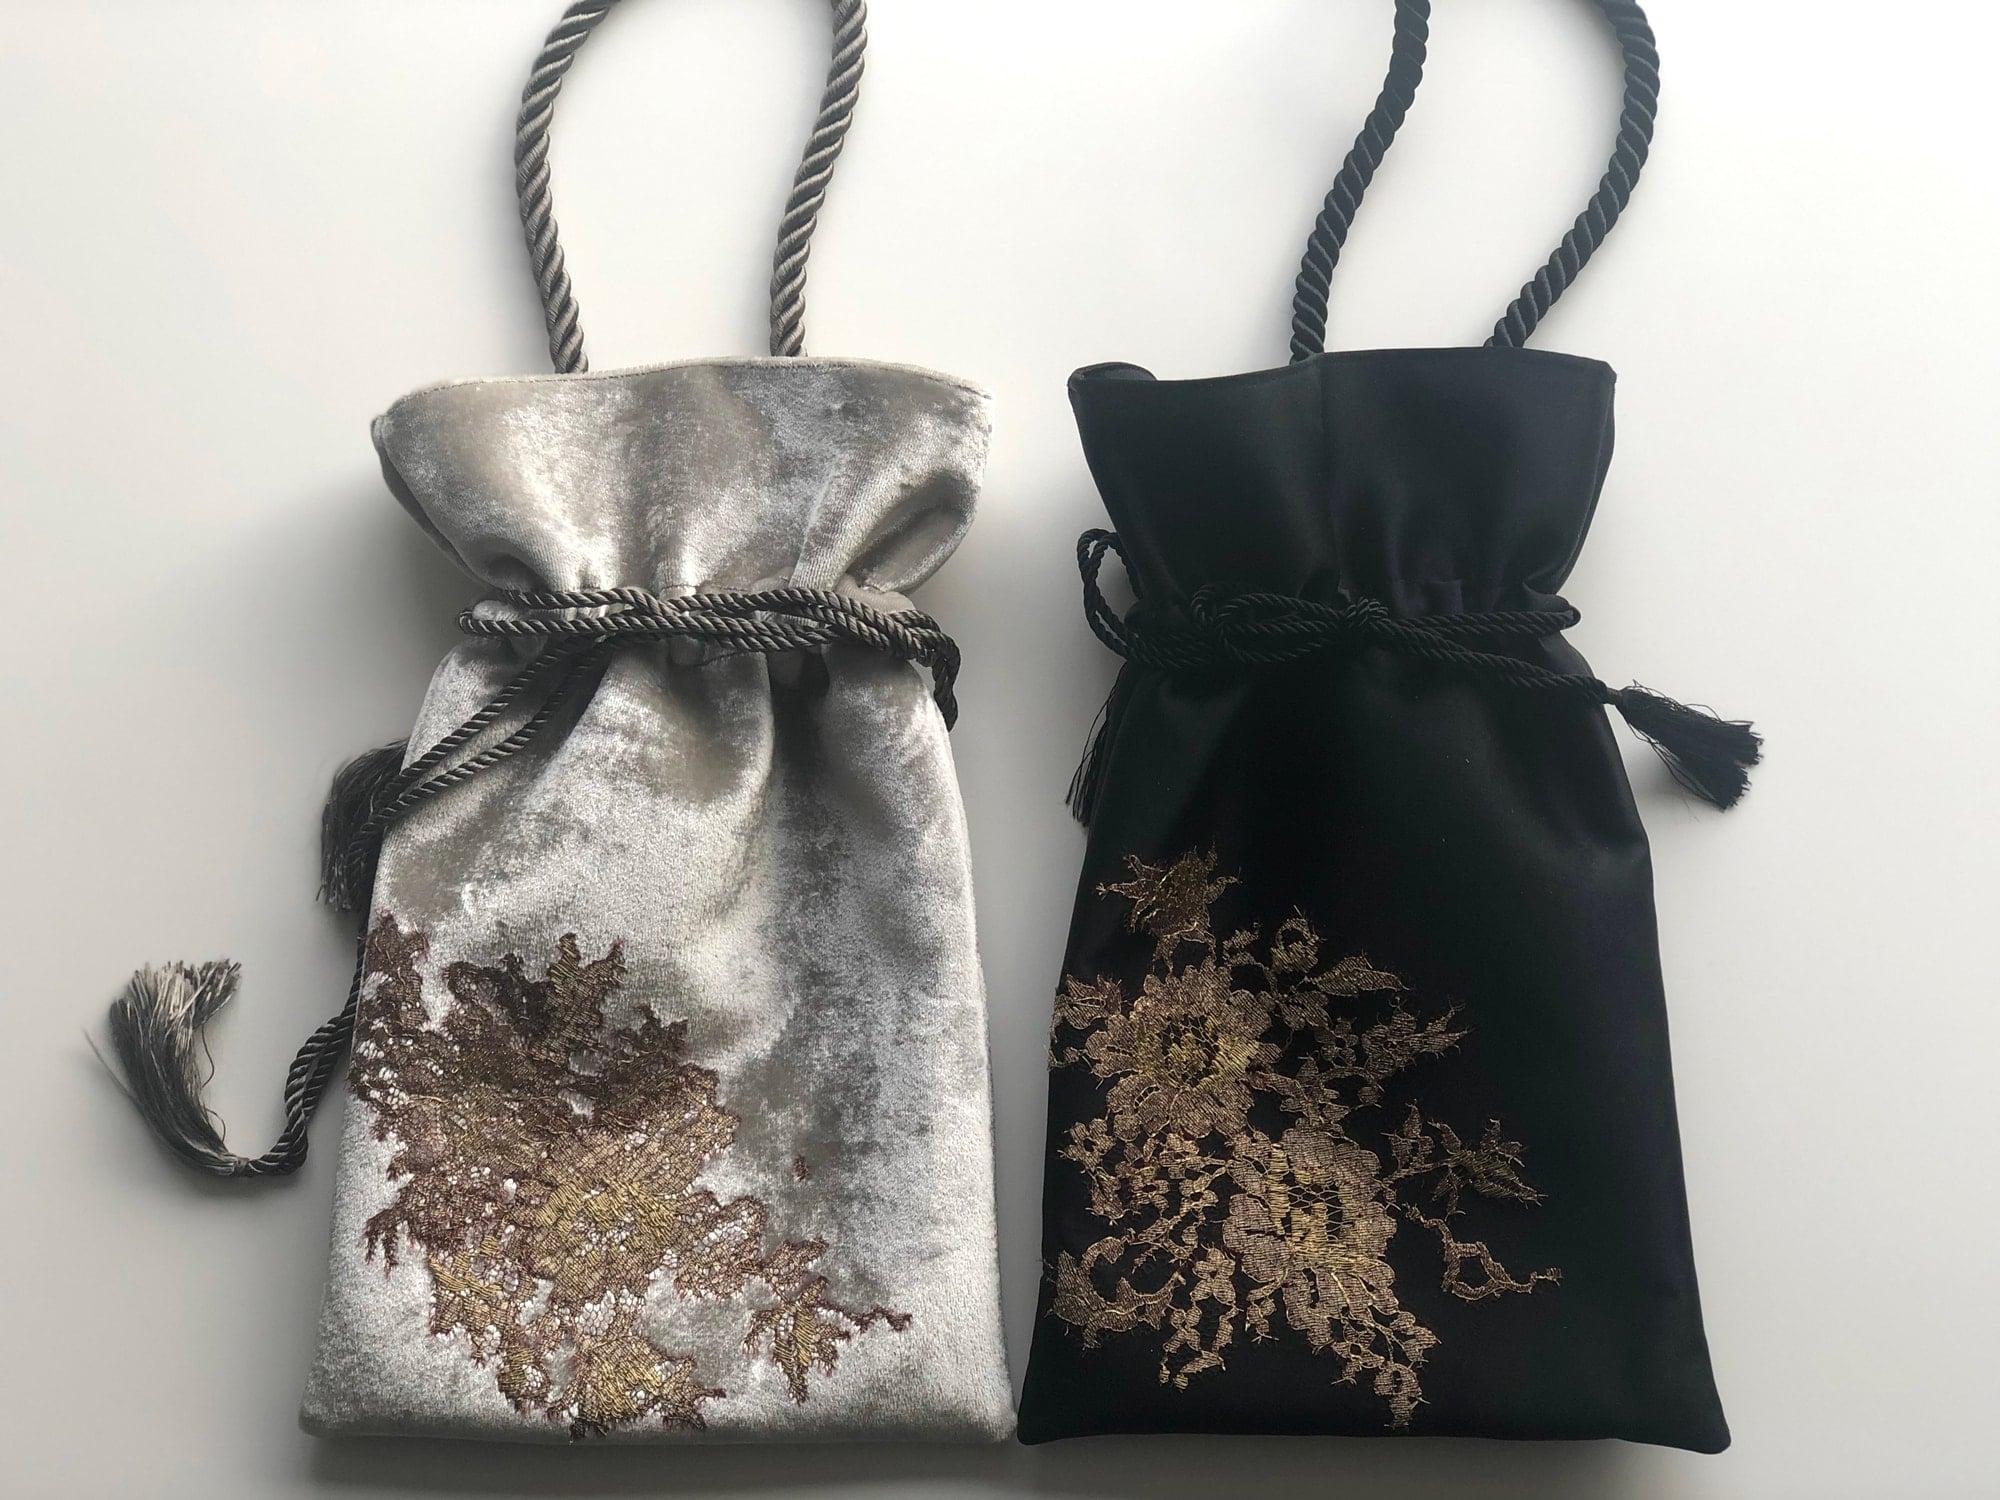 きんちゃく型のバッグは、パーティーバッグにも、また、きものにも合うと人気。